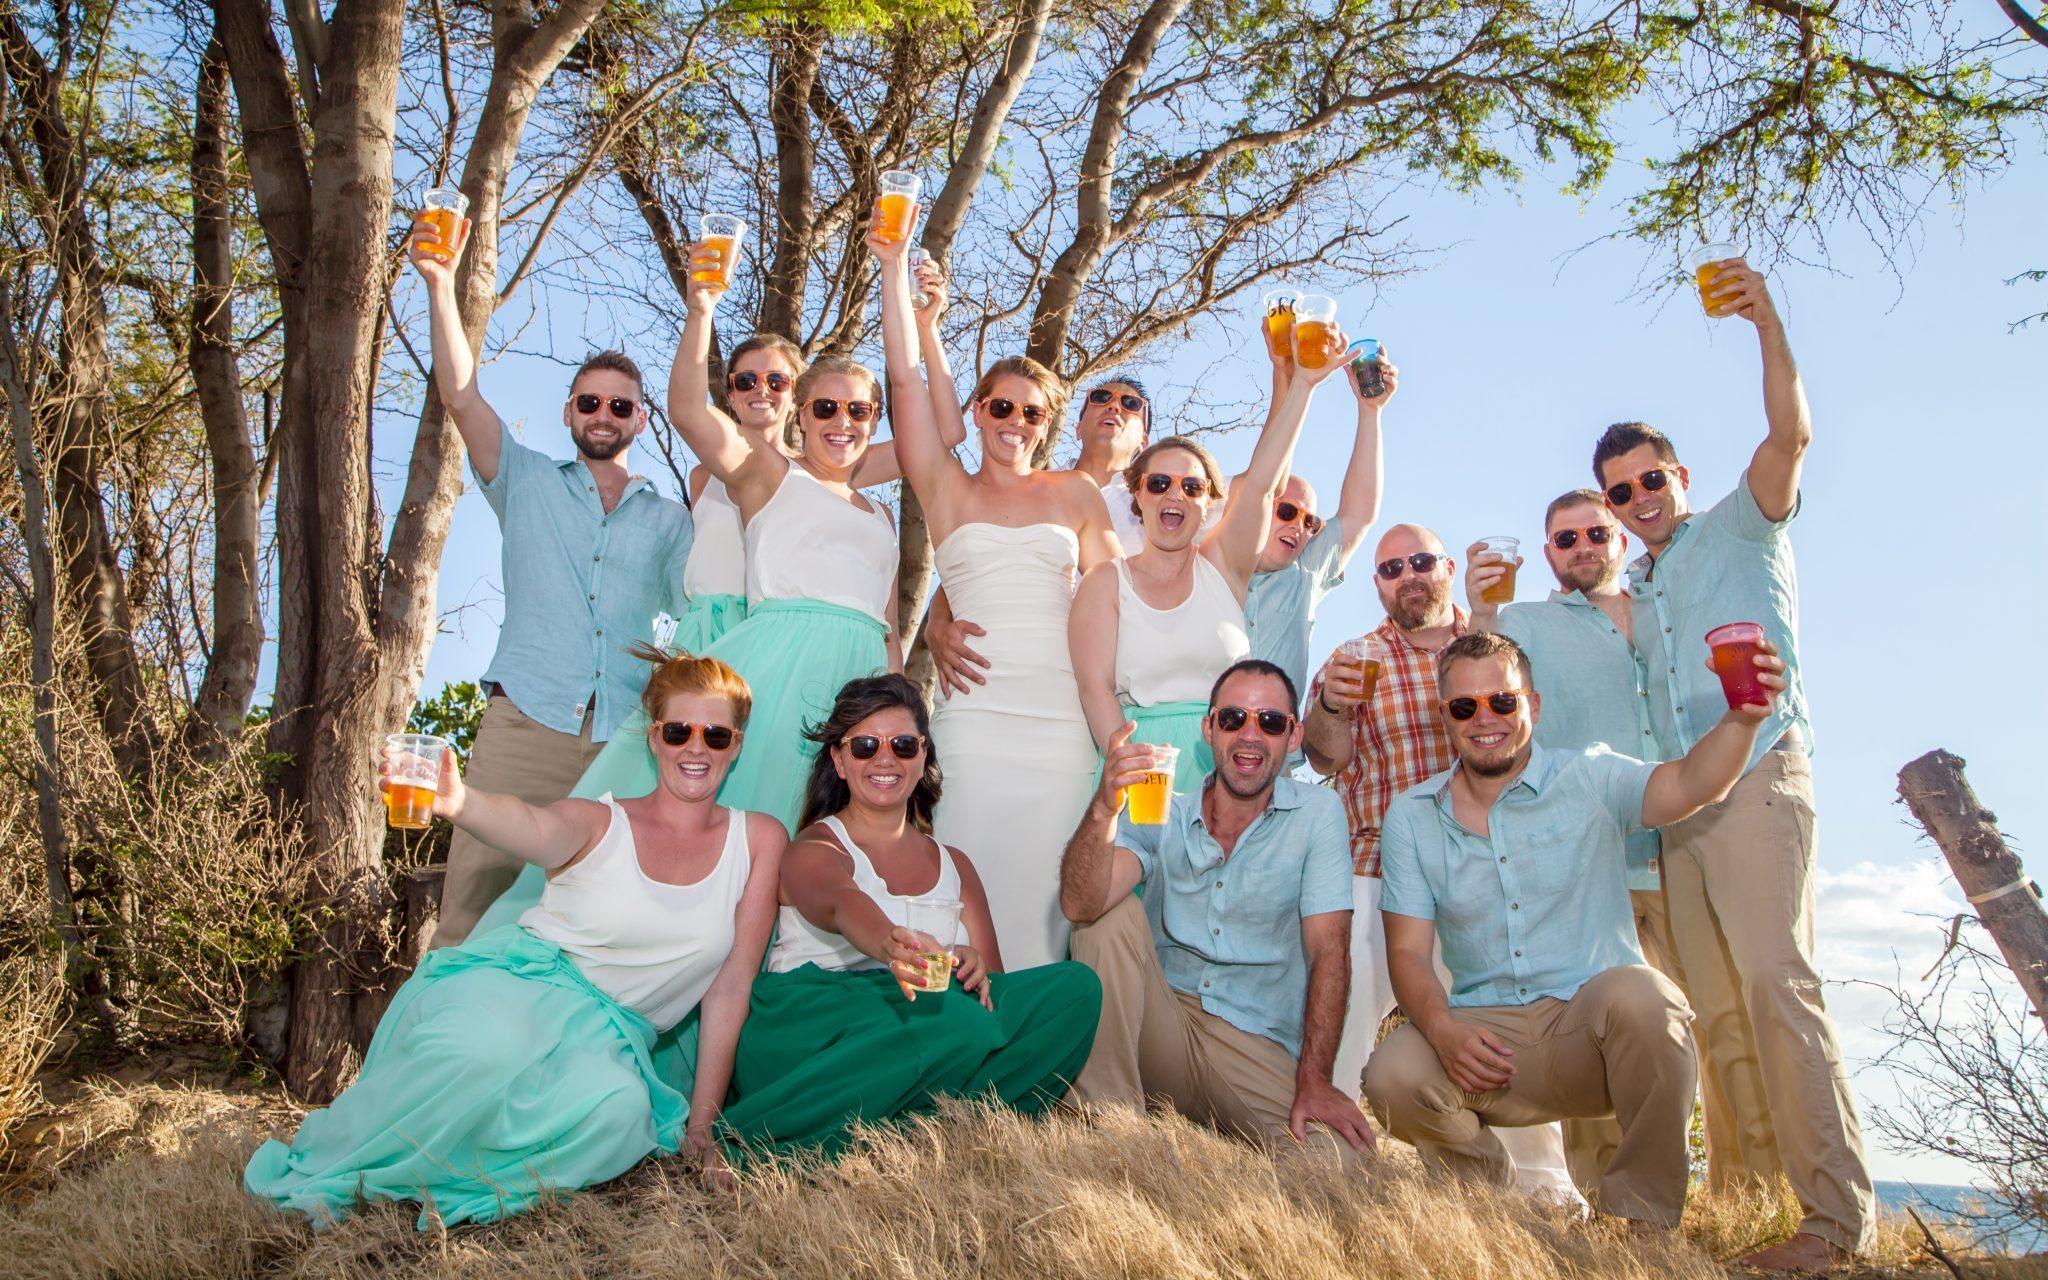 maui wedding photographer12_behind the lens maui.jpg